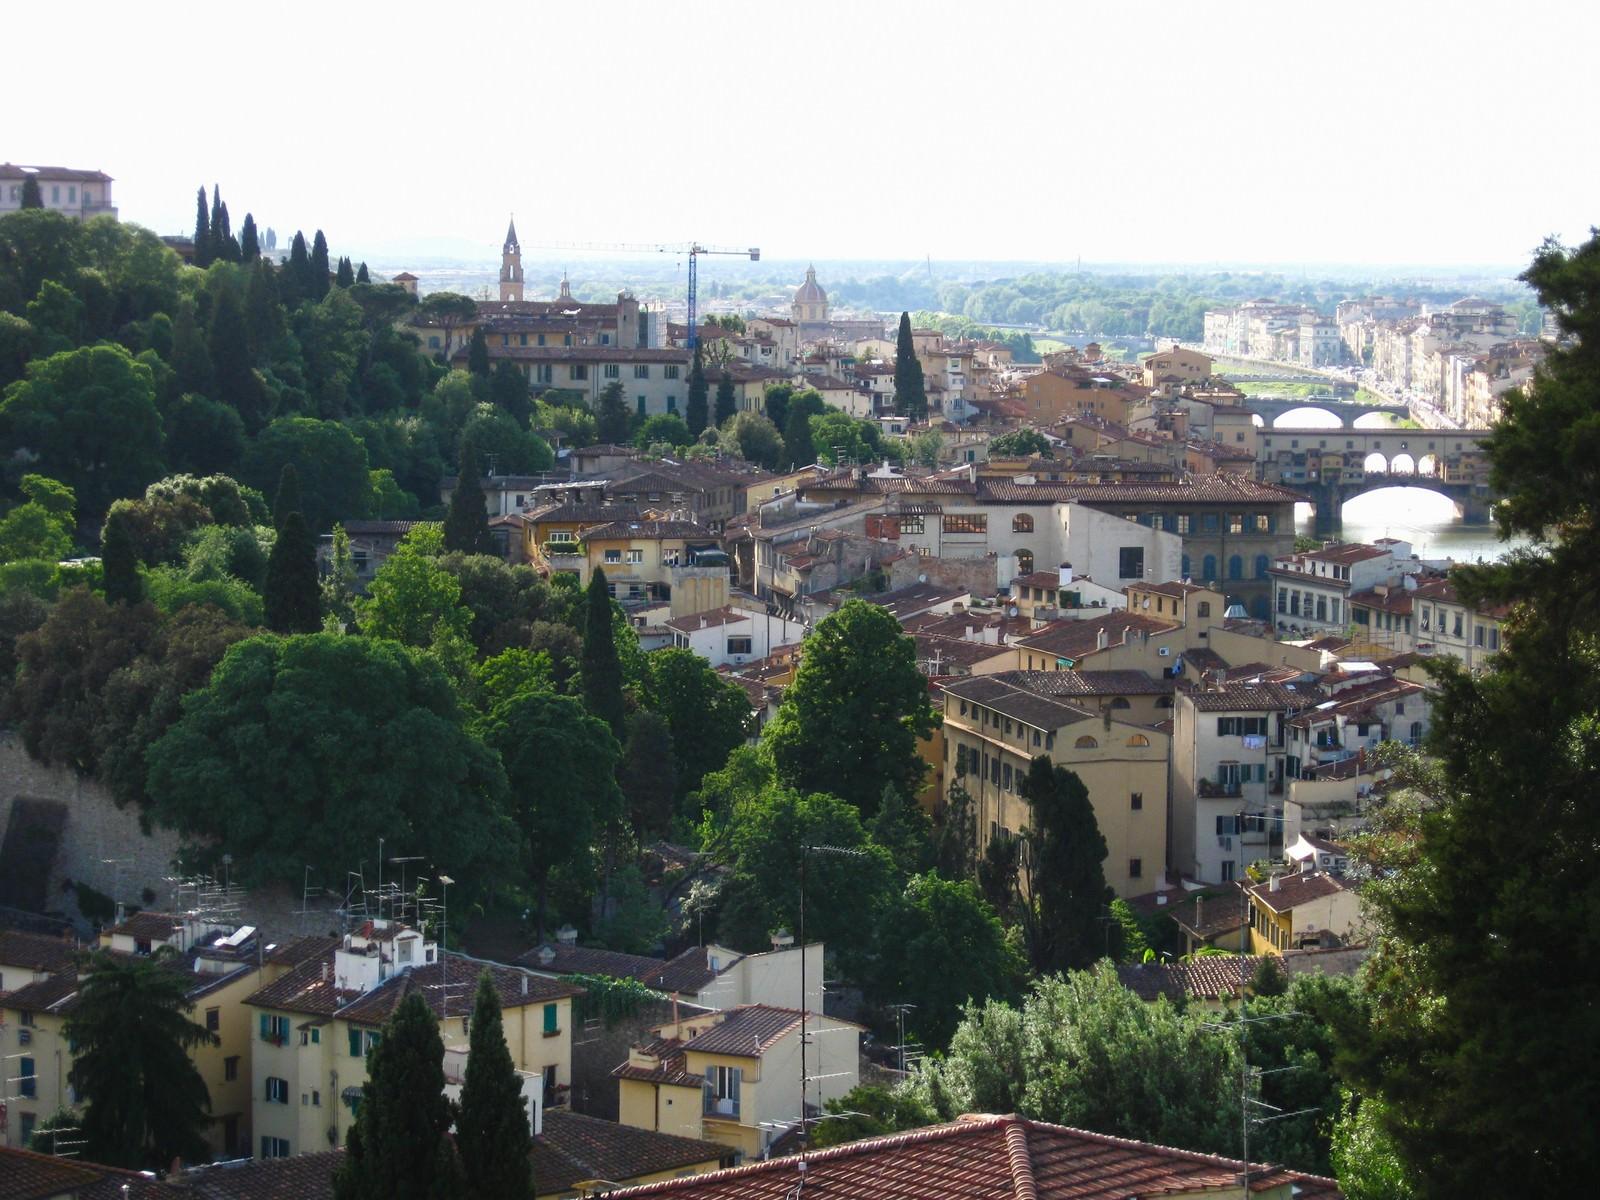 「自然に囲まれたフィレンツェの街並み(イタリア)」の写真